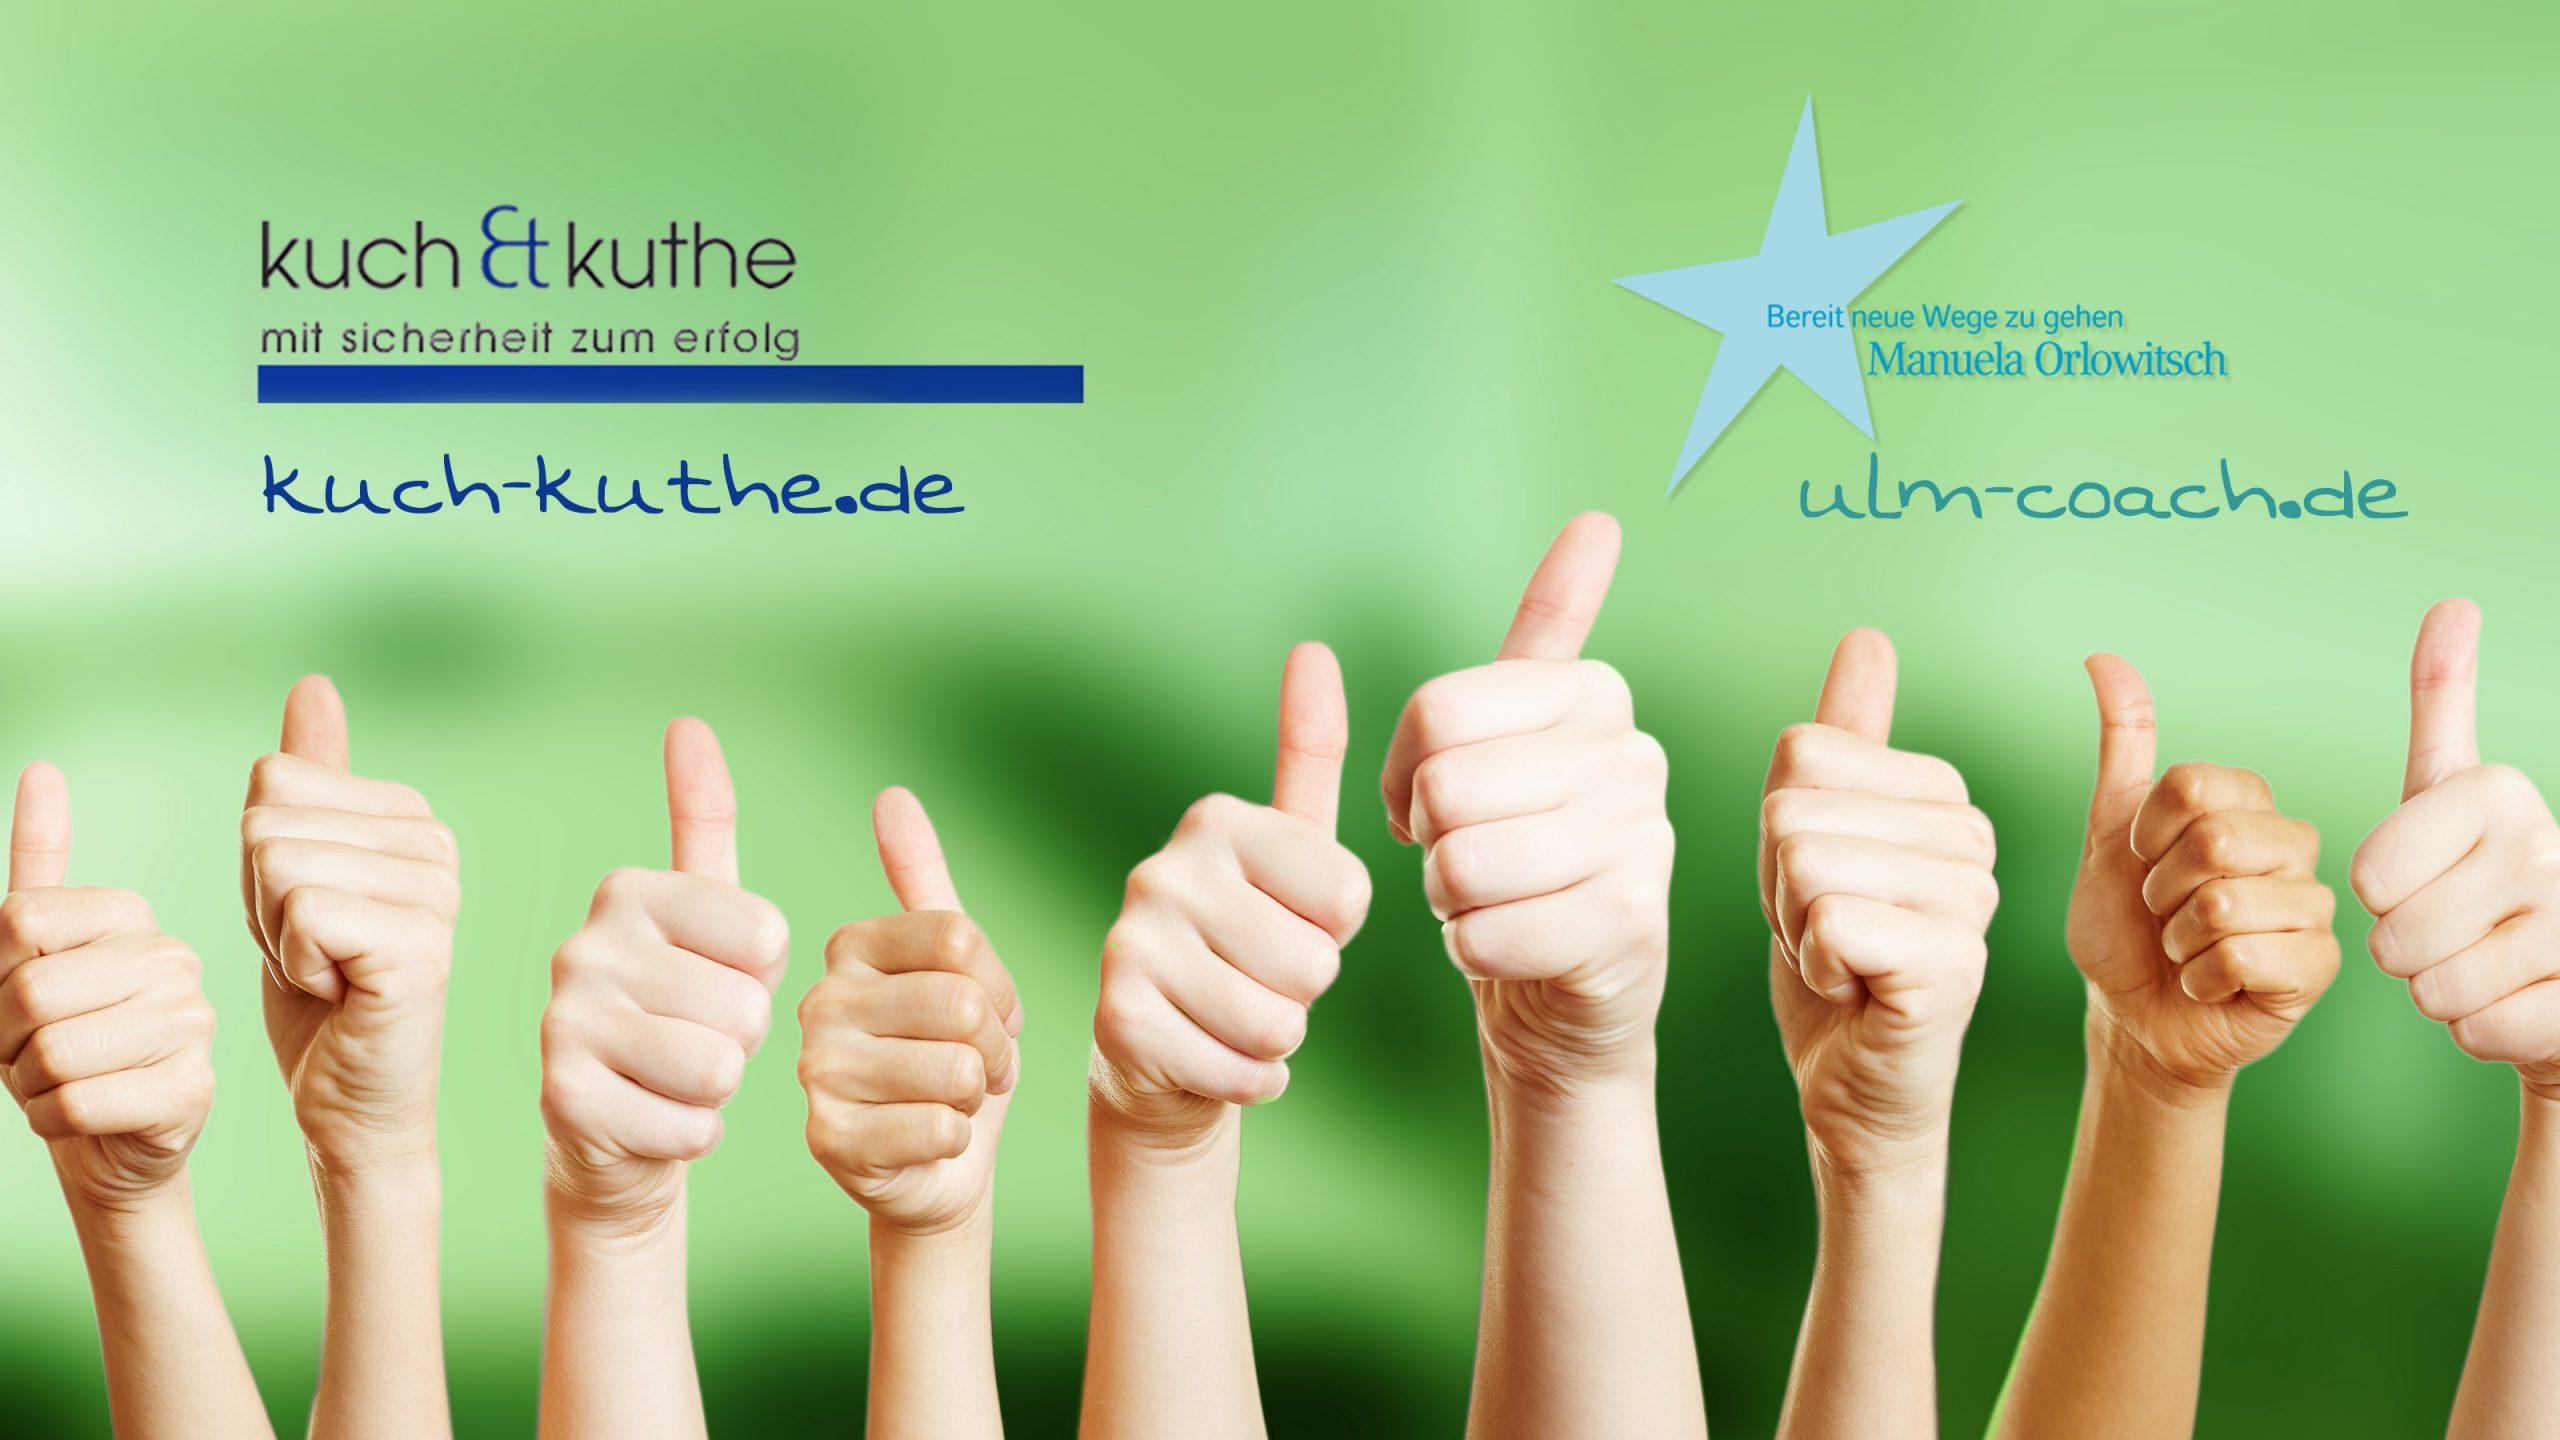 daumen hoch, logos von kuch-kuthe.de Hilde Kuch-kuthe und ulm-coach.de Manuela Orlowitsch, mit sicherheit zum erfolg, bereit neue wege zu gehen